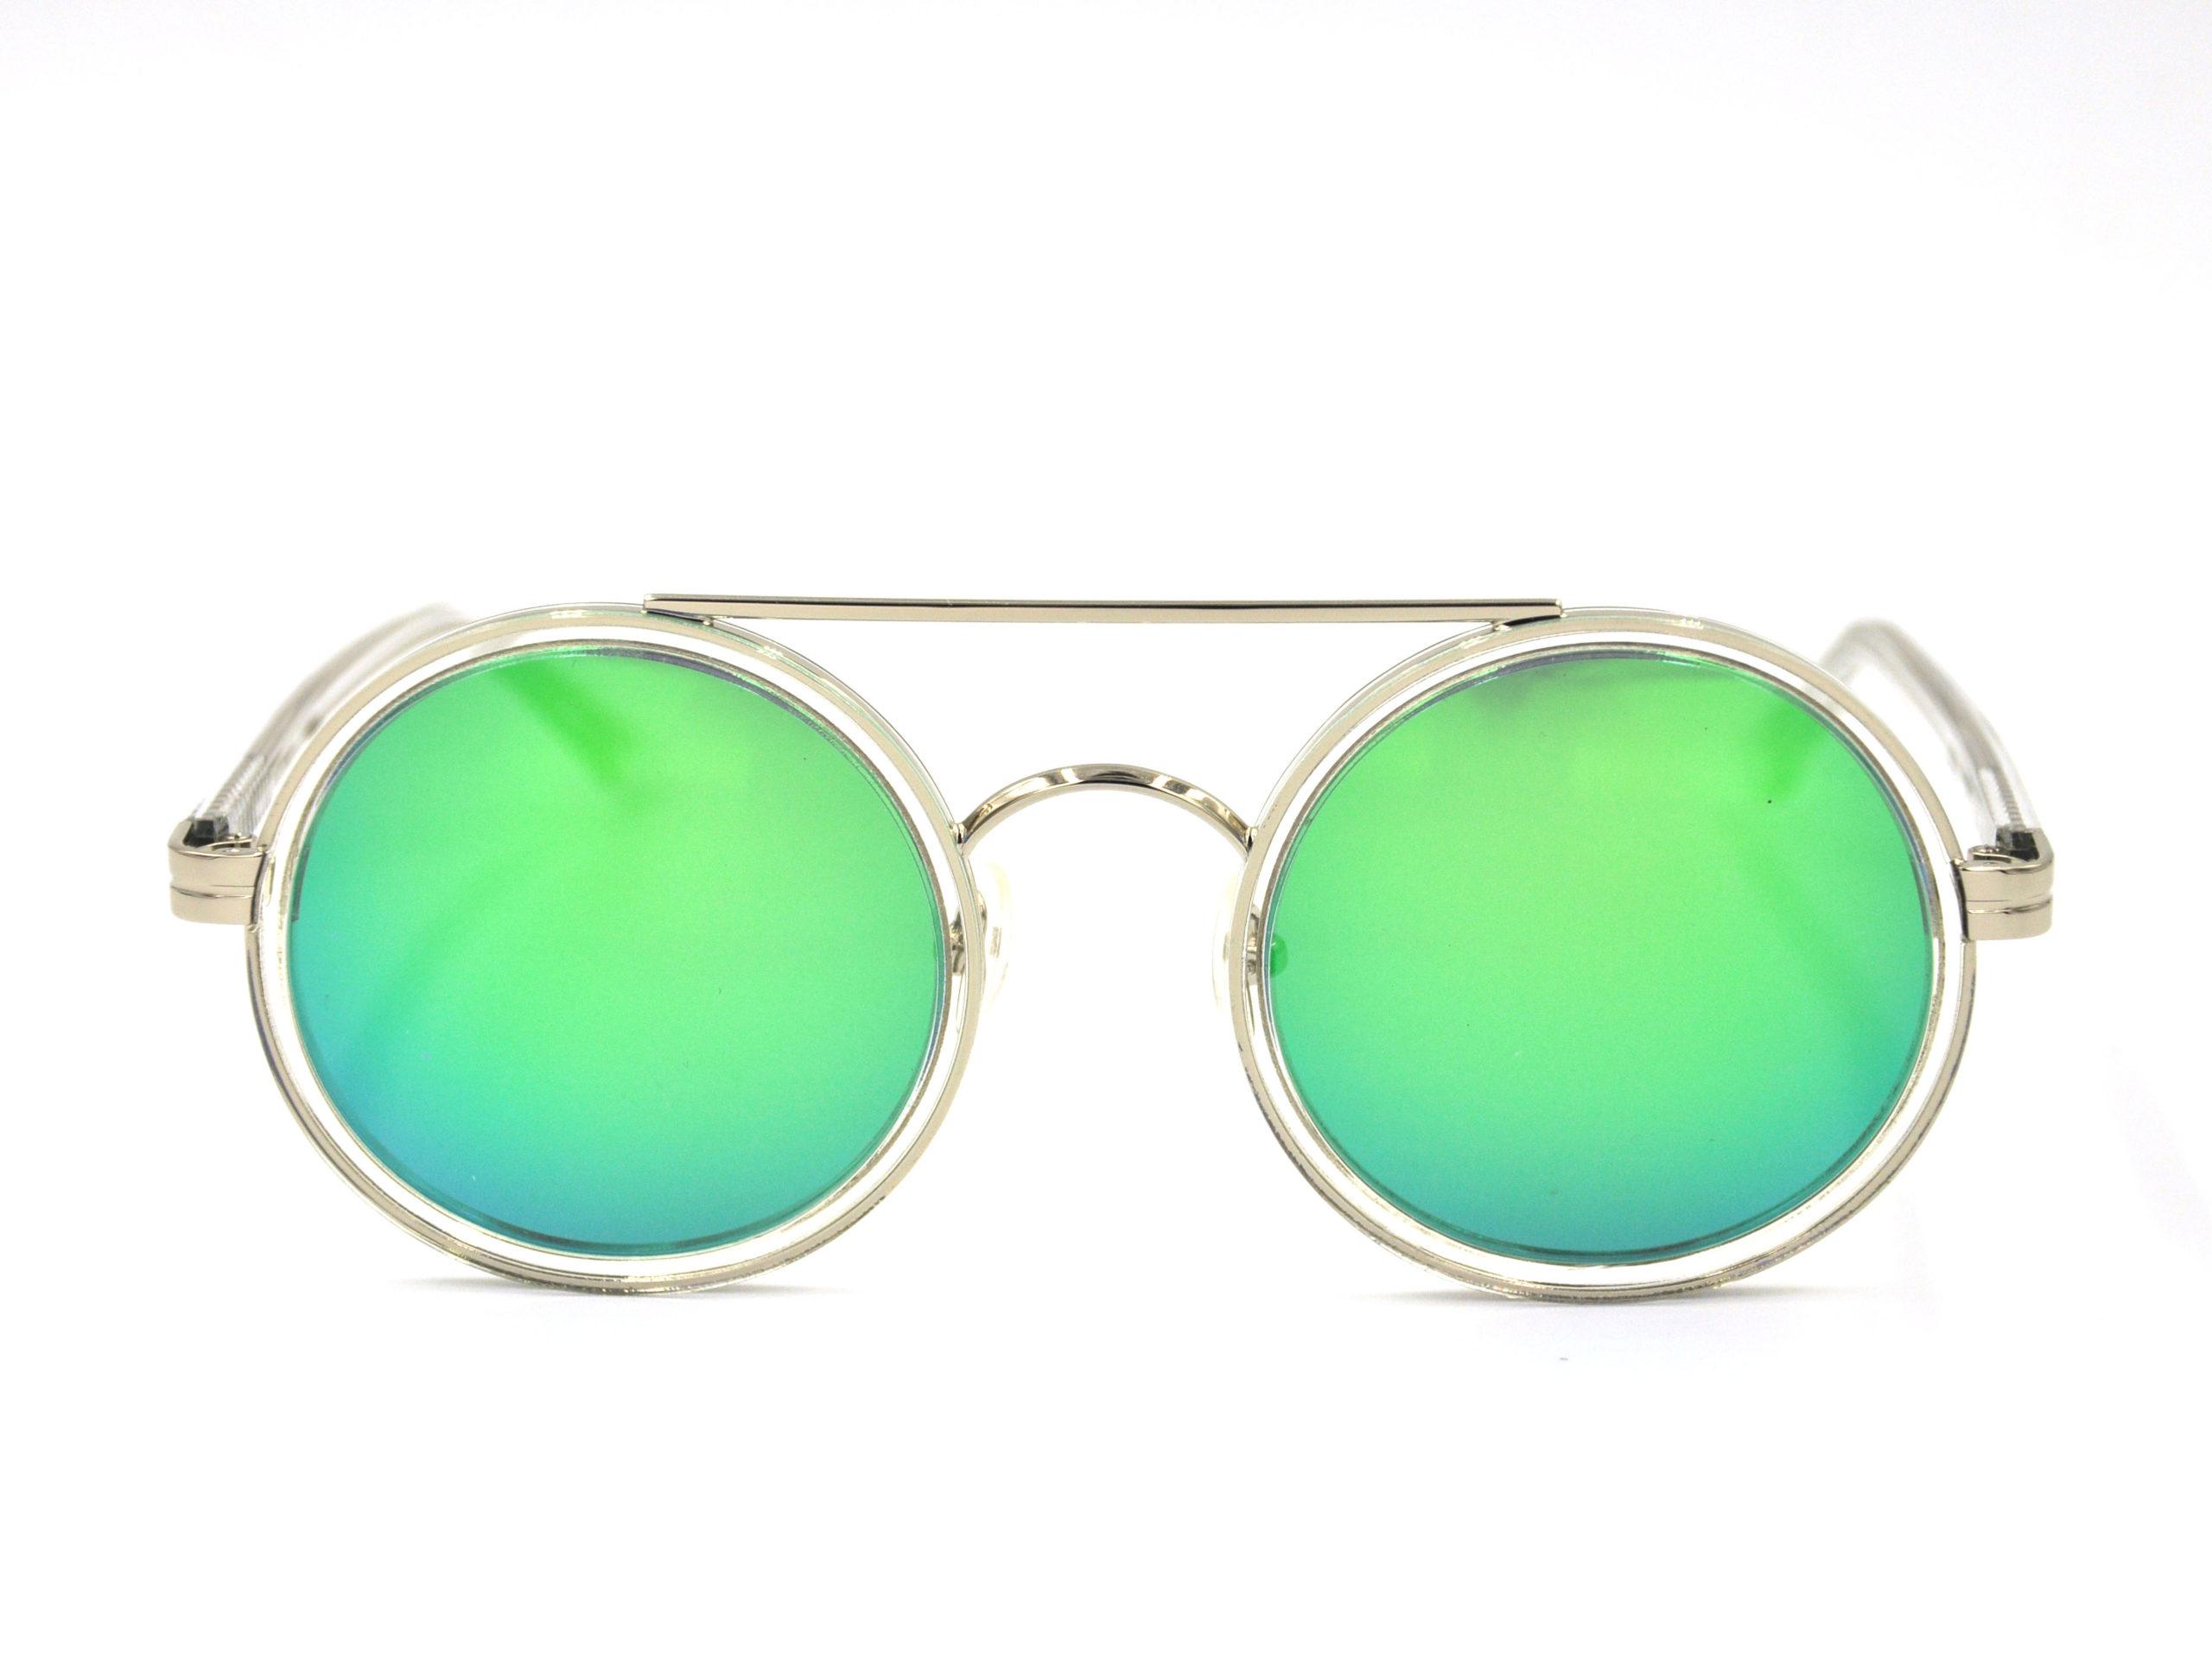 Γυαλιά ηλίου Rebecca Blu RB8611 QX08 Πειραιάς